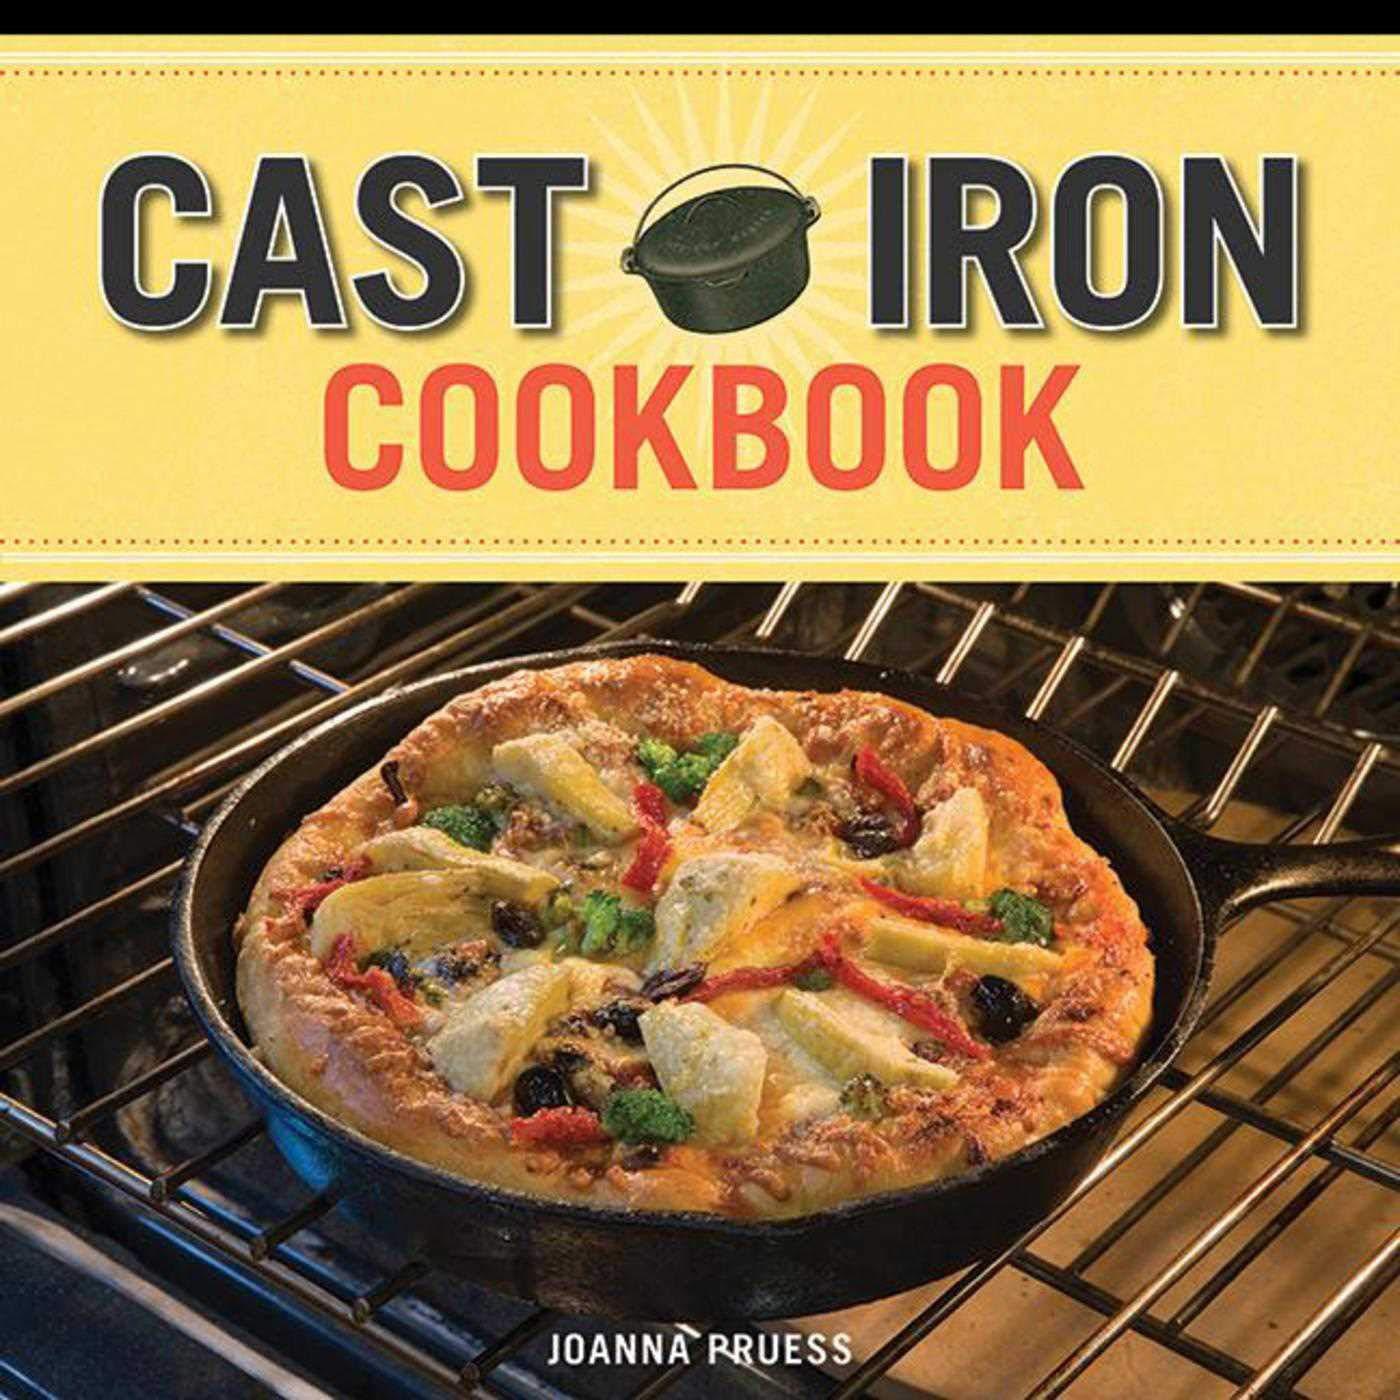 Cast Iron Cookbook Recipe Deck product image